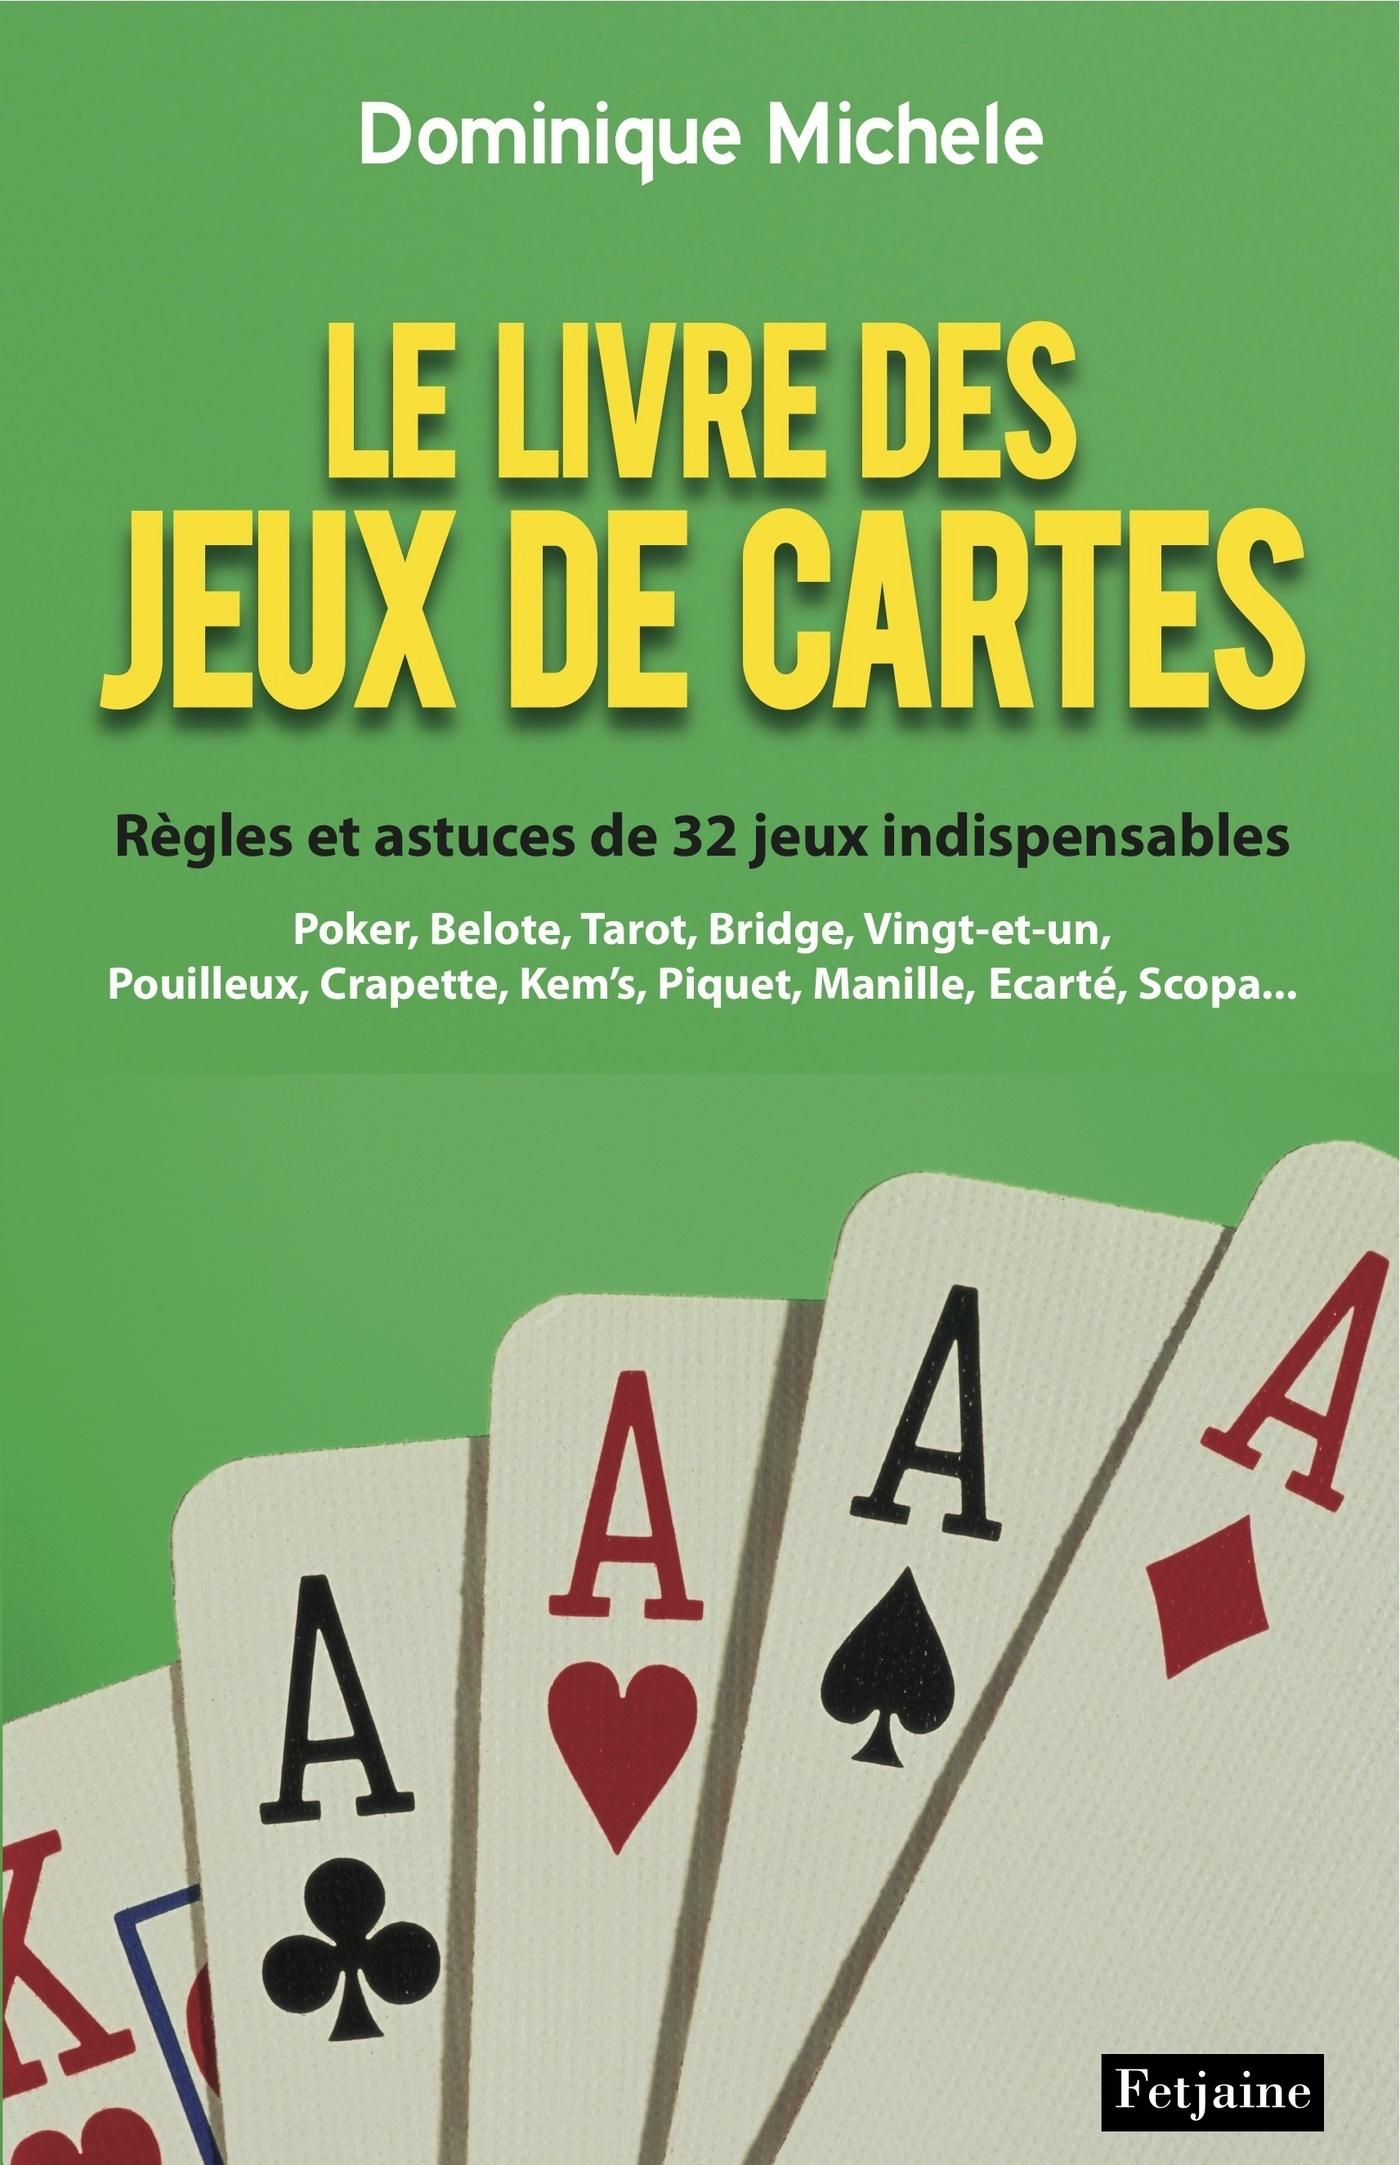 Le Livre des jeux de cartes. Poker-Belote-Bridge... Règles et astuces de 32 jeux indispensables